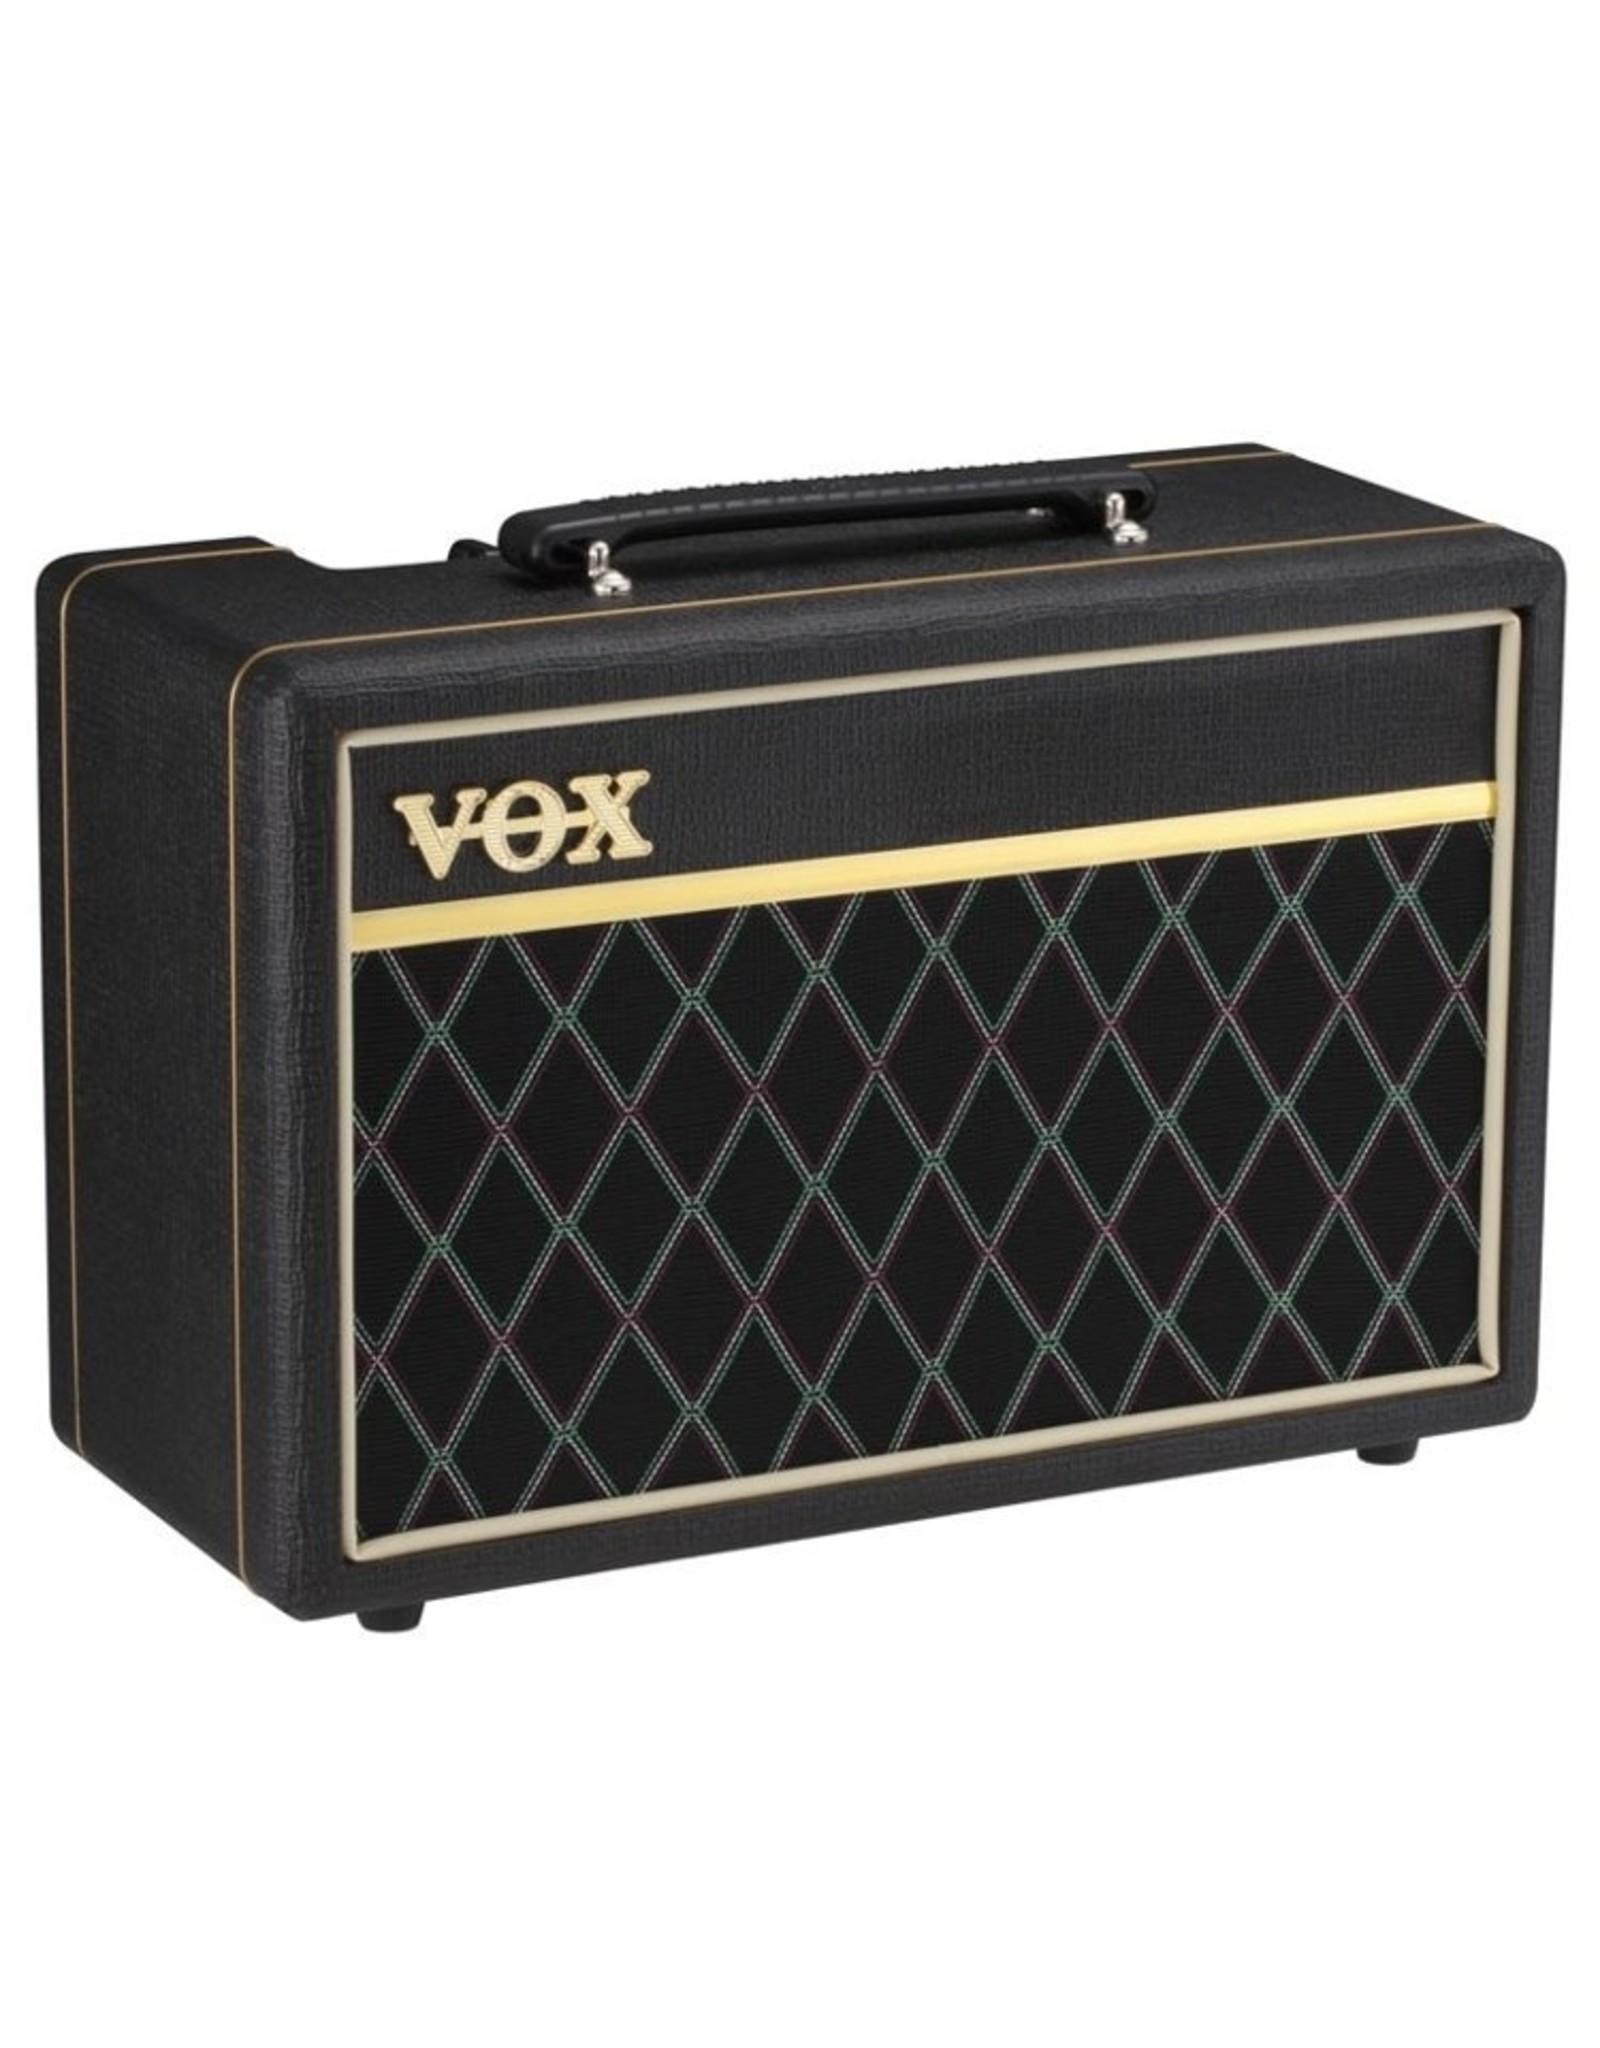 Vox VOX Pathfinder 10 Bass 10W 2x5 inch basgitaar oefenversterker